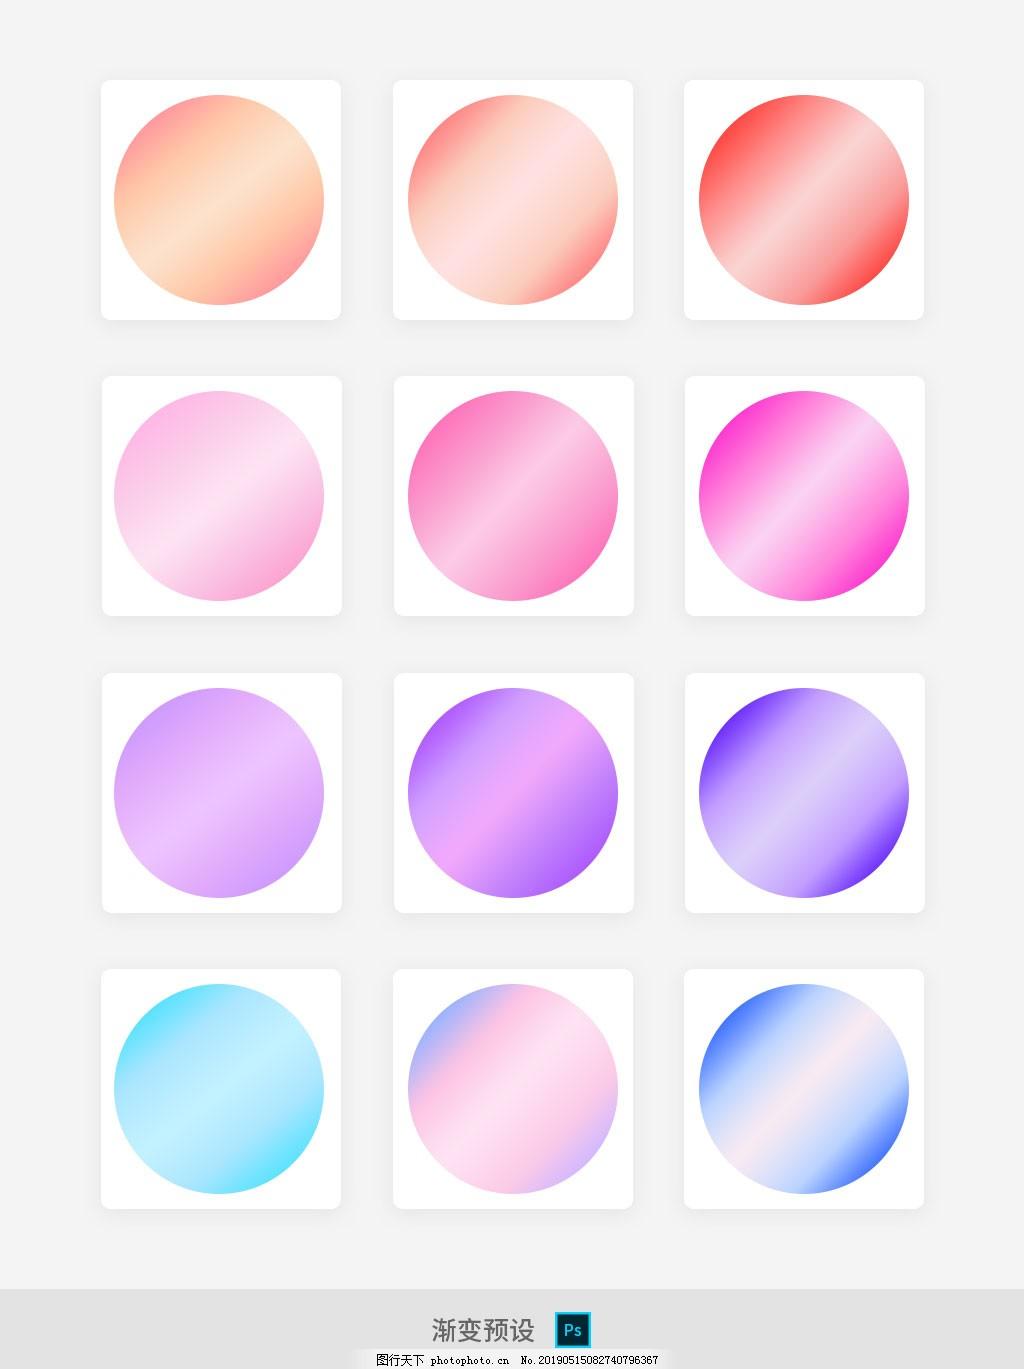 ps工具grd超美多彩暖色配色方案溫柔漸變預設12p,唯美,藍到粉,美翻了,漂亮,文藝,浪漫